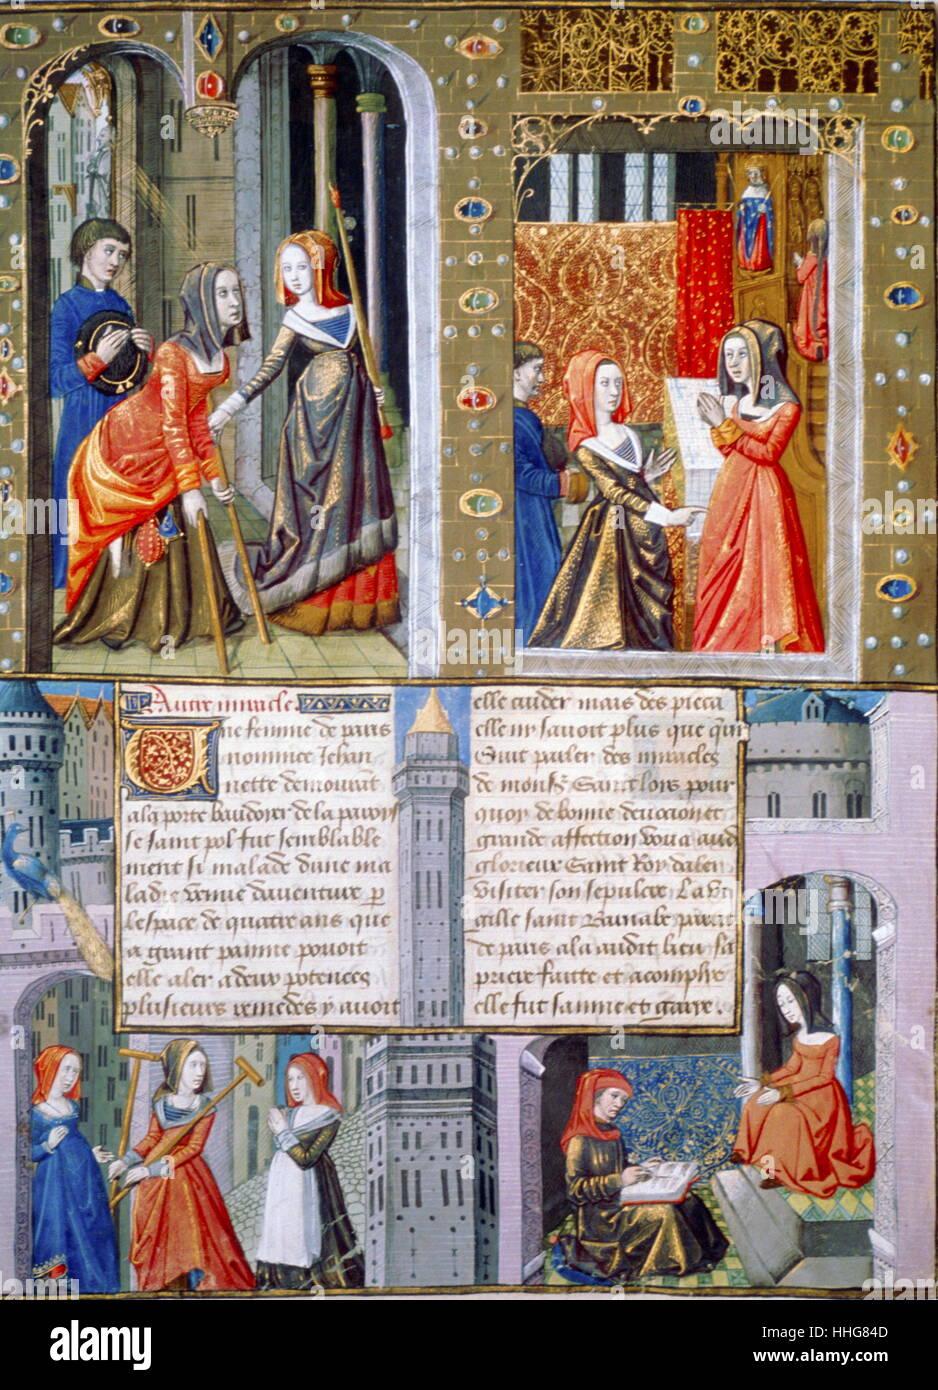 Le scene di vita quotidiana in Francia nel medioevo, XV secolo; Immagini Stock